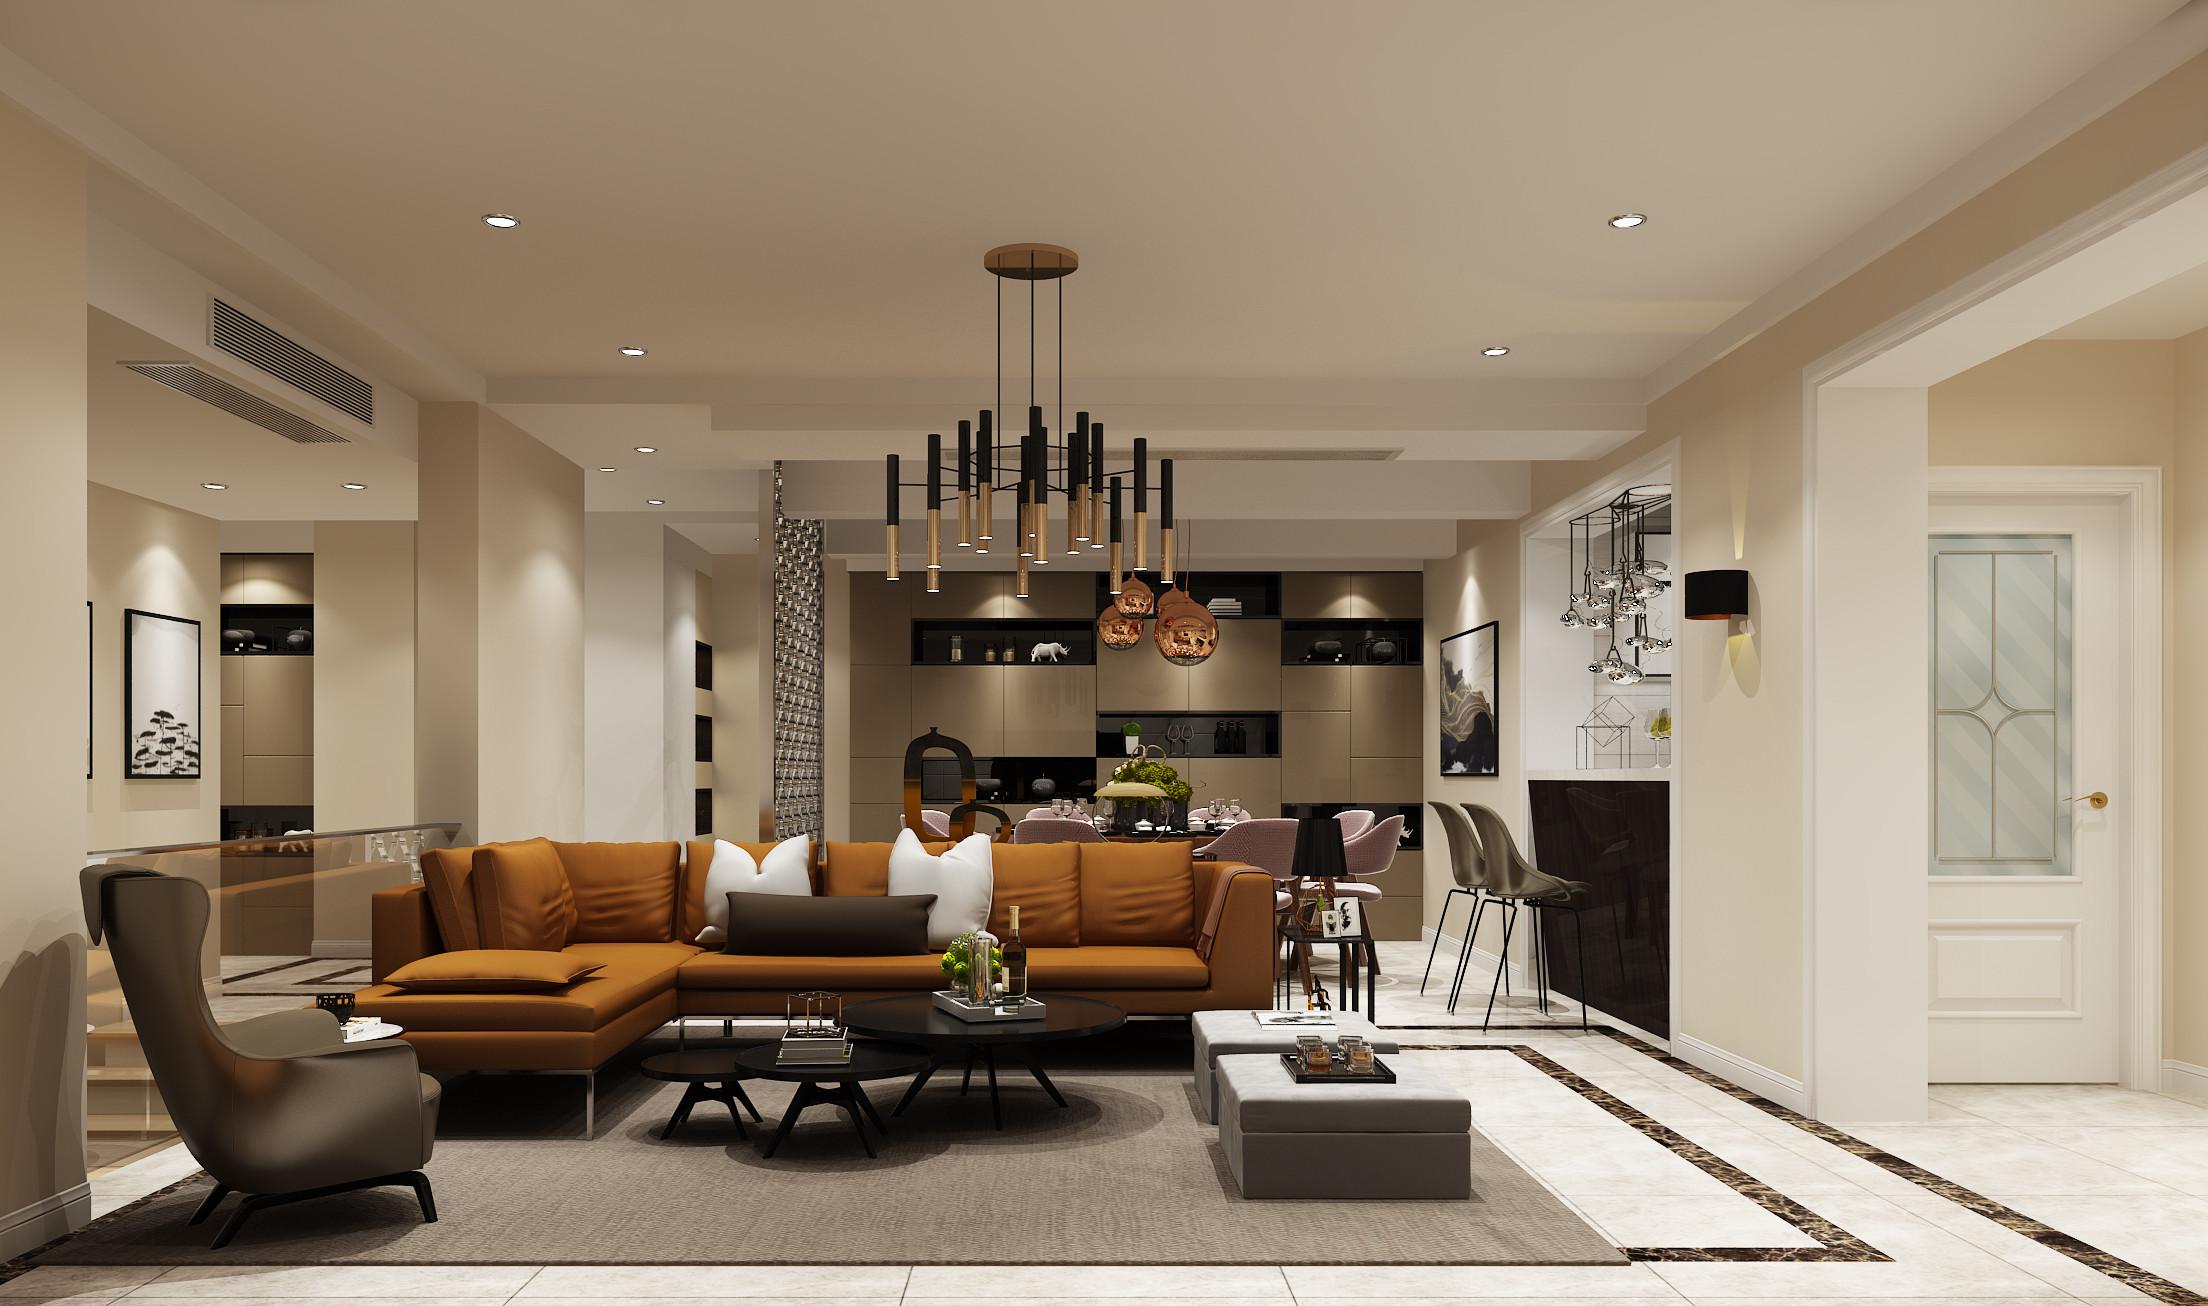 现代简约时尚装修客厅设计效果图